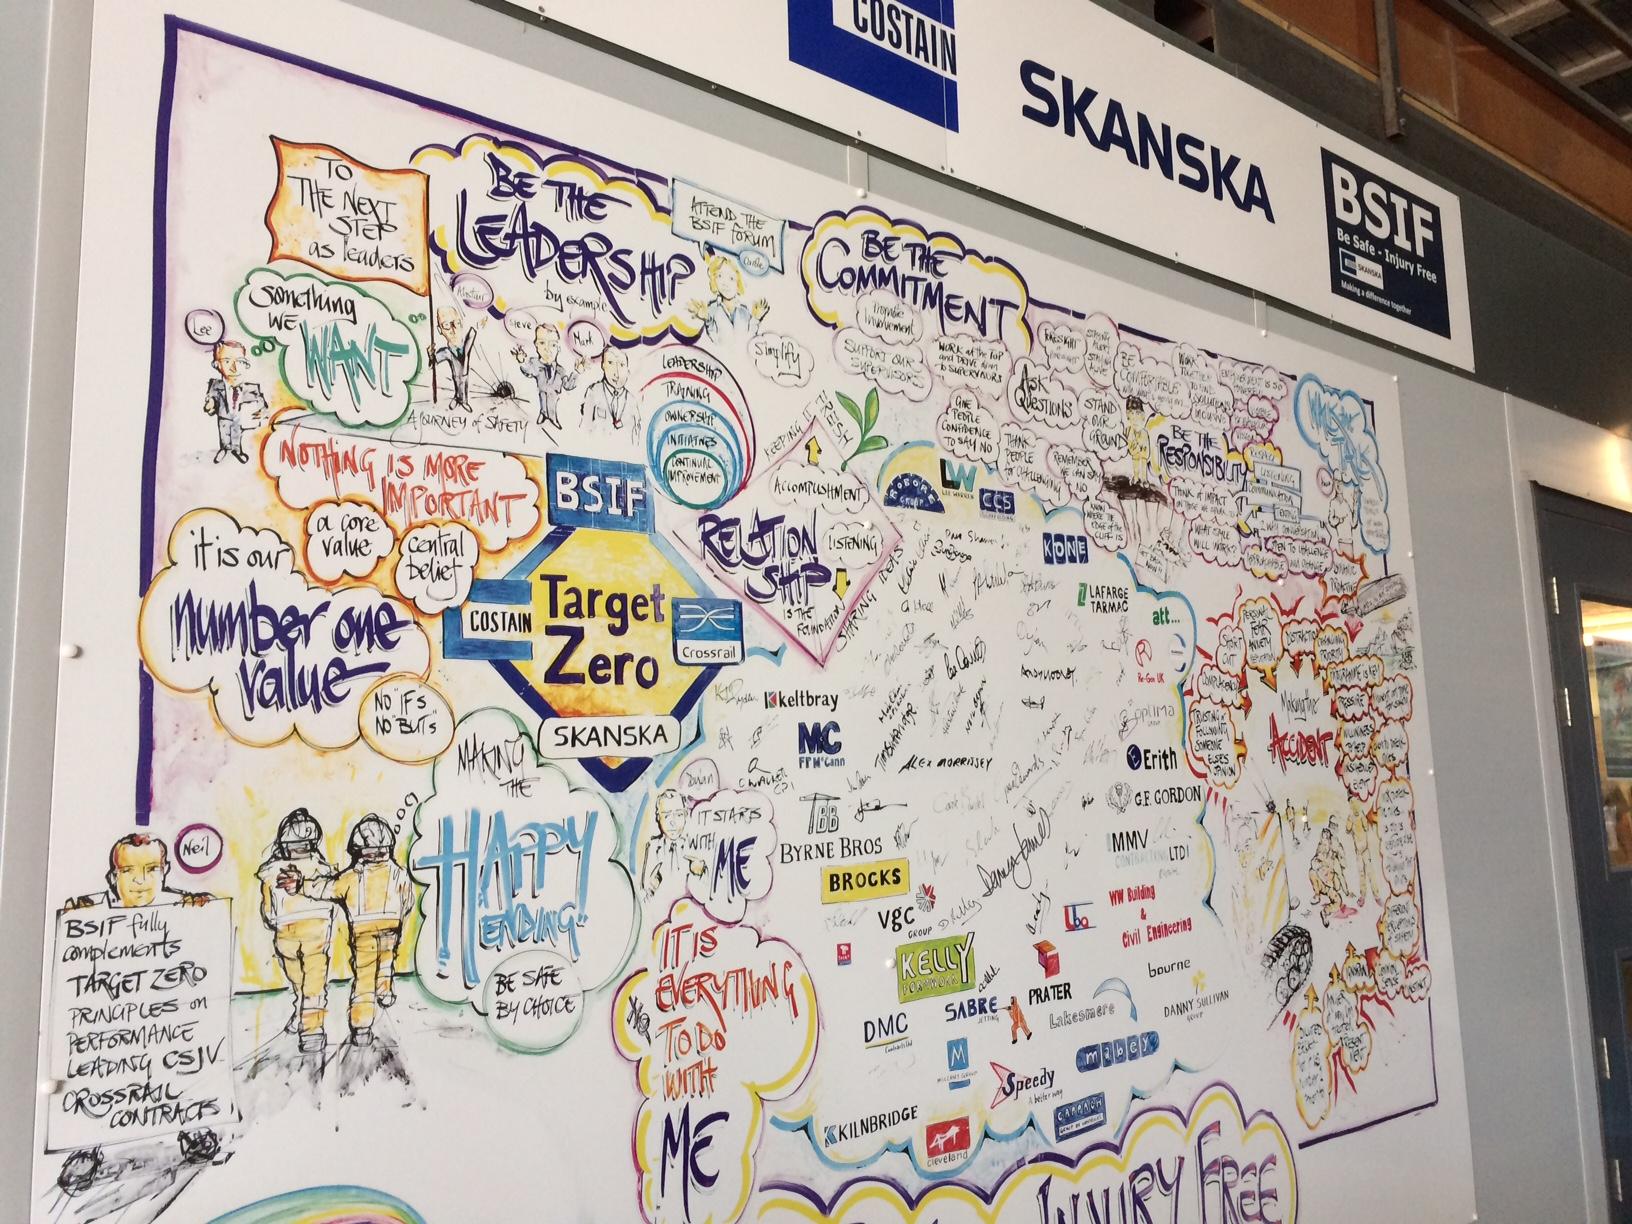 Skanska leadership board